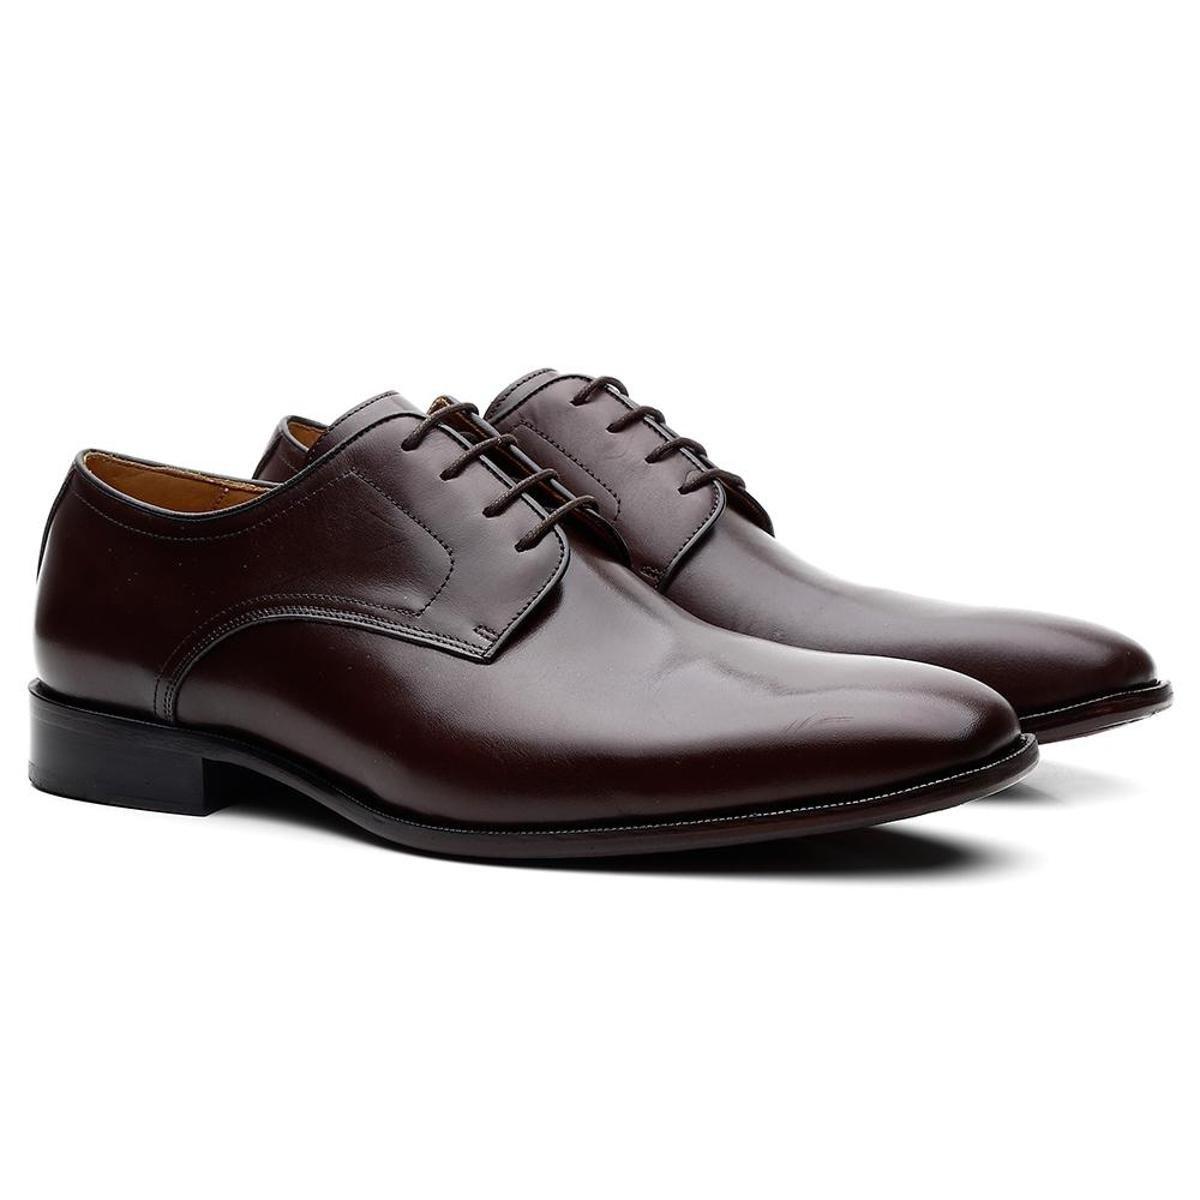 96f73d6723 Sapato Tom Lord Derby Matthew Masculino | Zattini